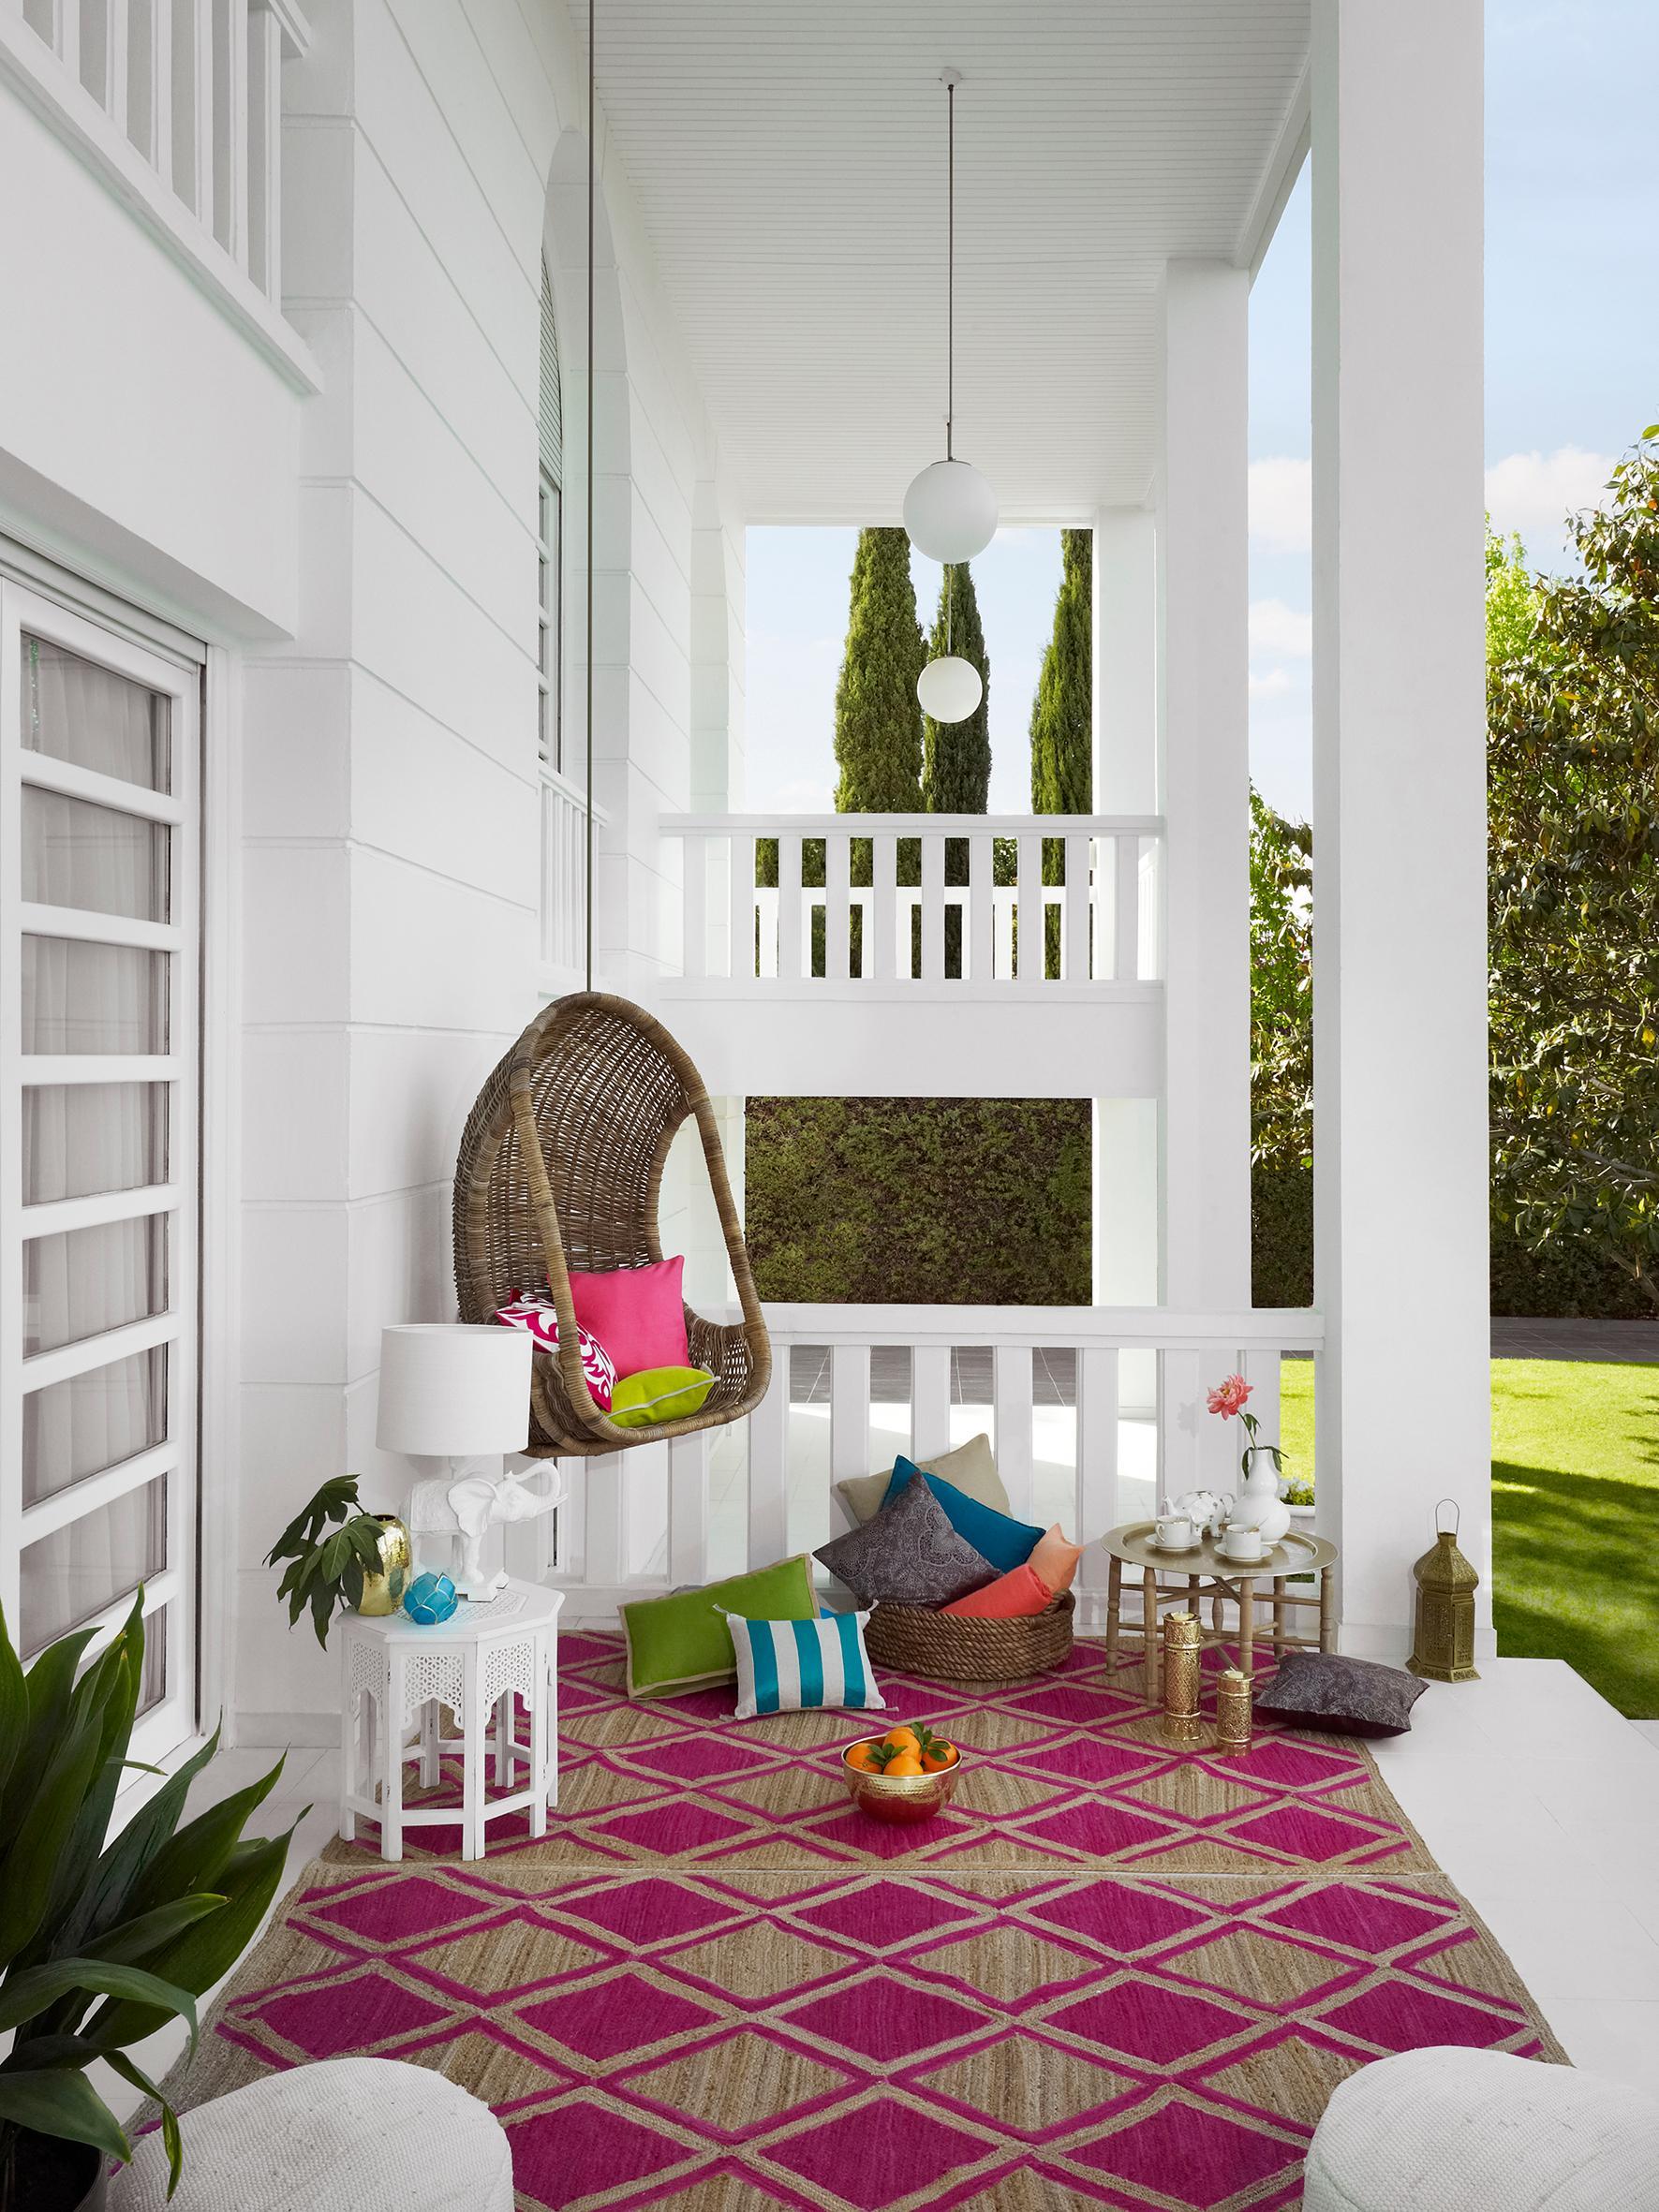 Sommerdeko bilder ideen couchstyle for Beistelltisch zara